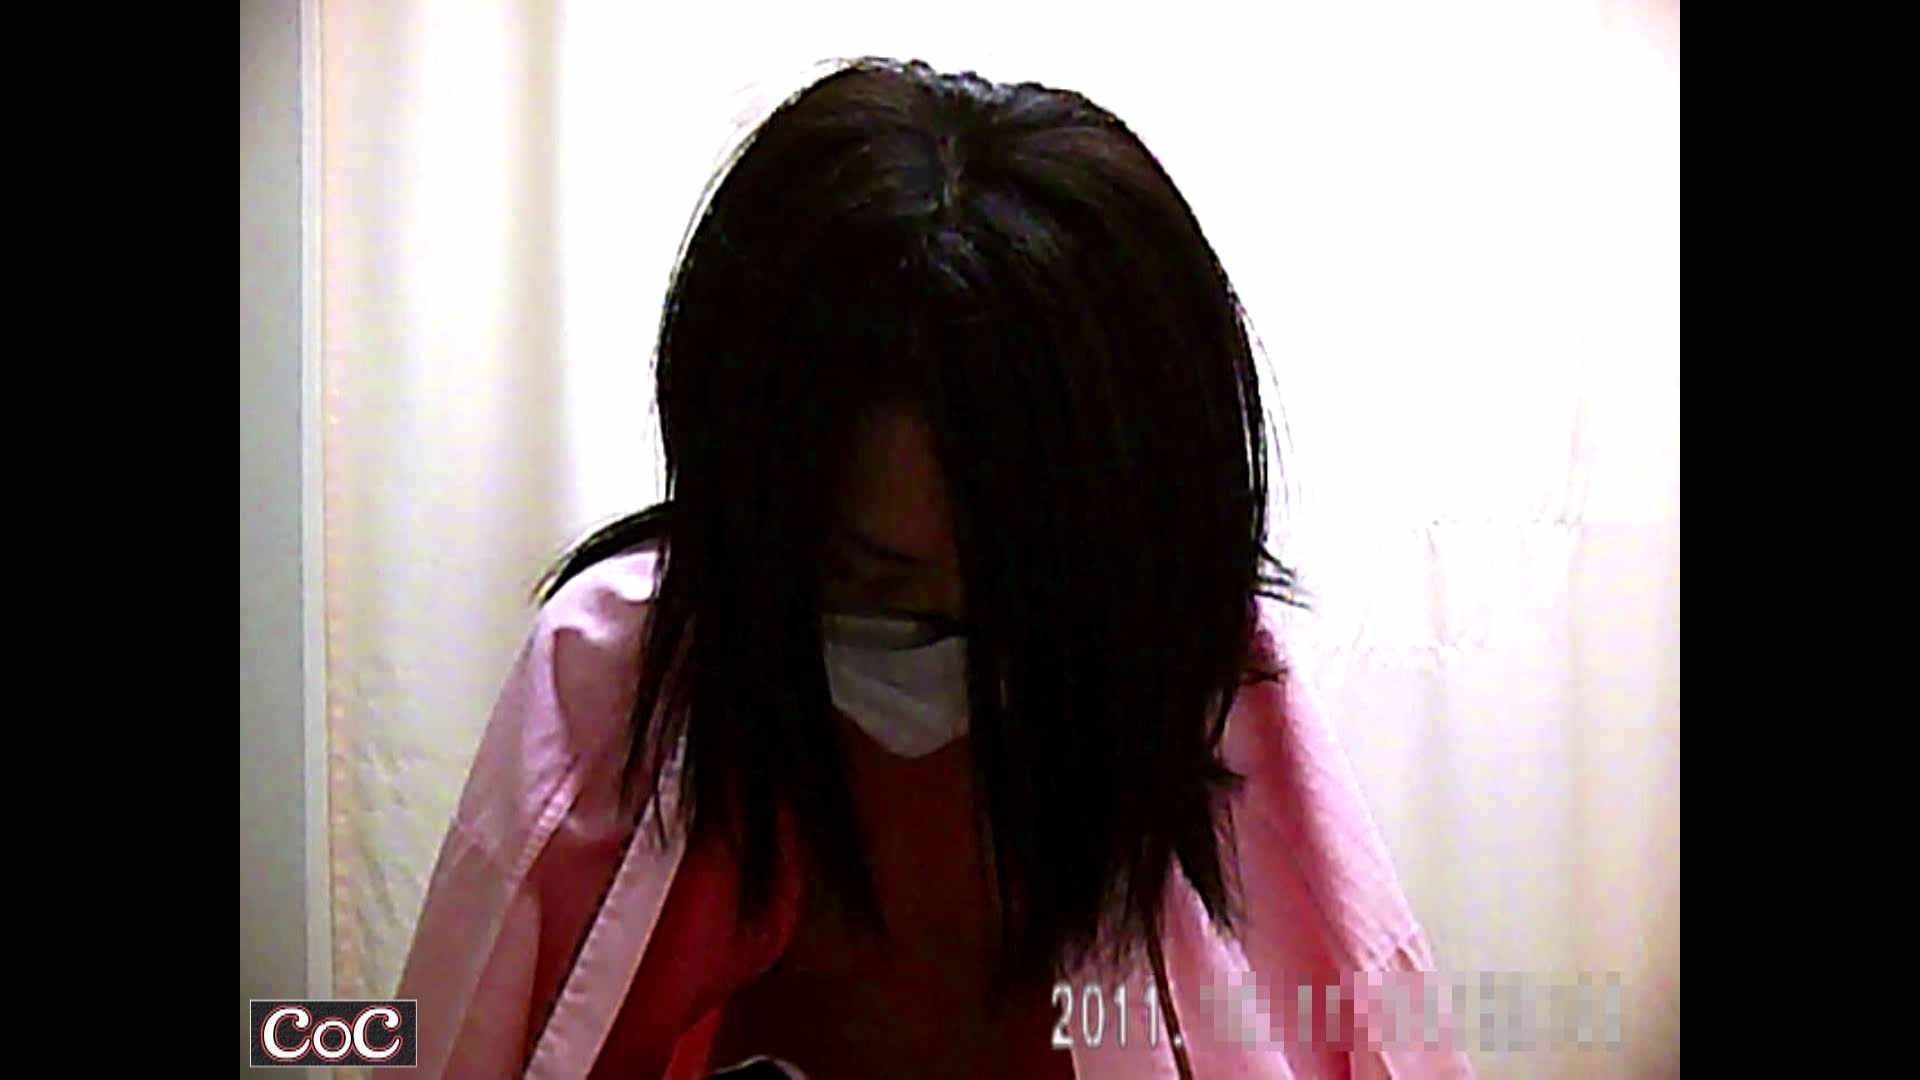 無修正エロ動画|元医者による反抗 更衣室地獄絵巻 vol.176|怪盗ジョーカー